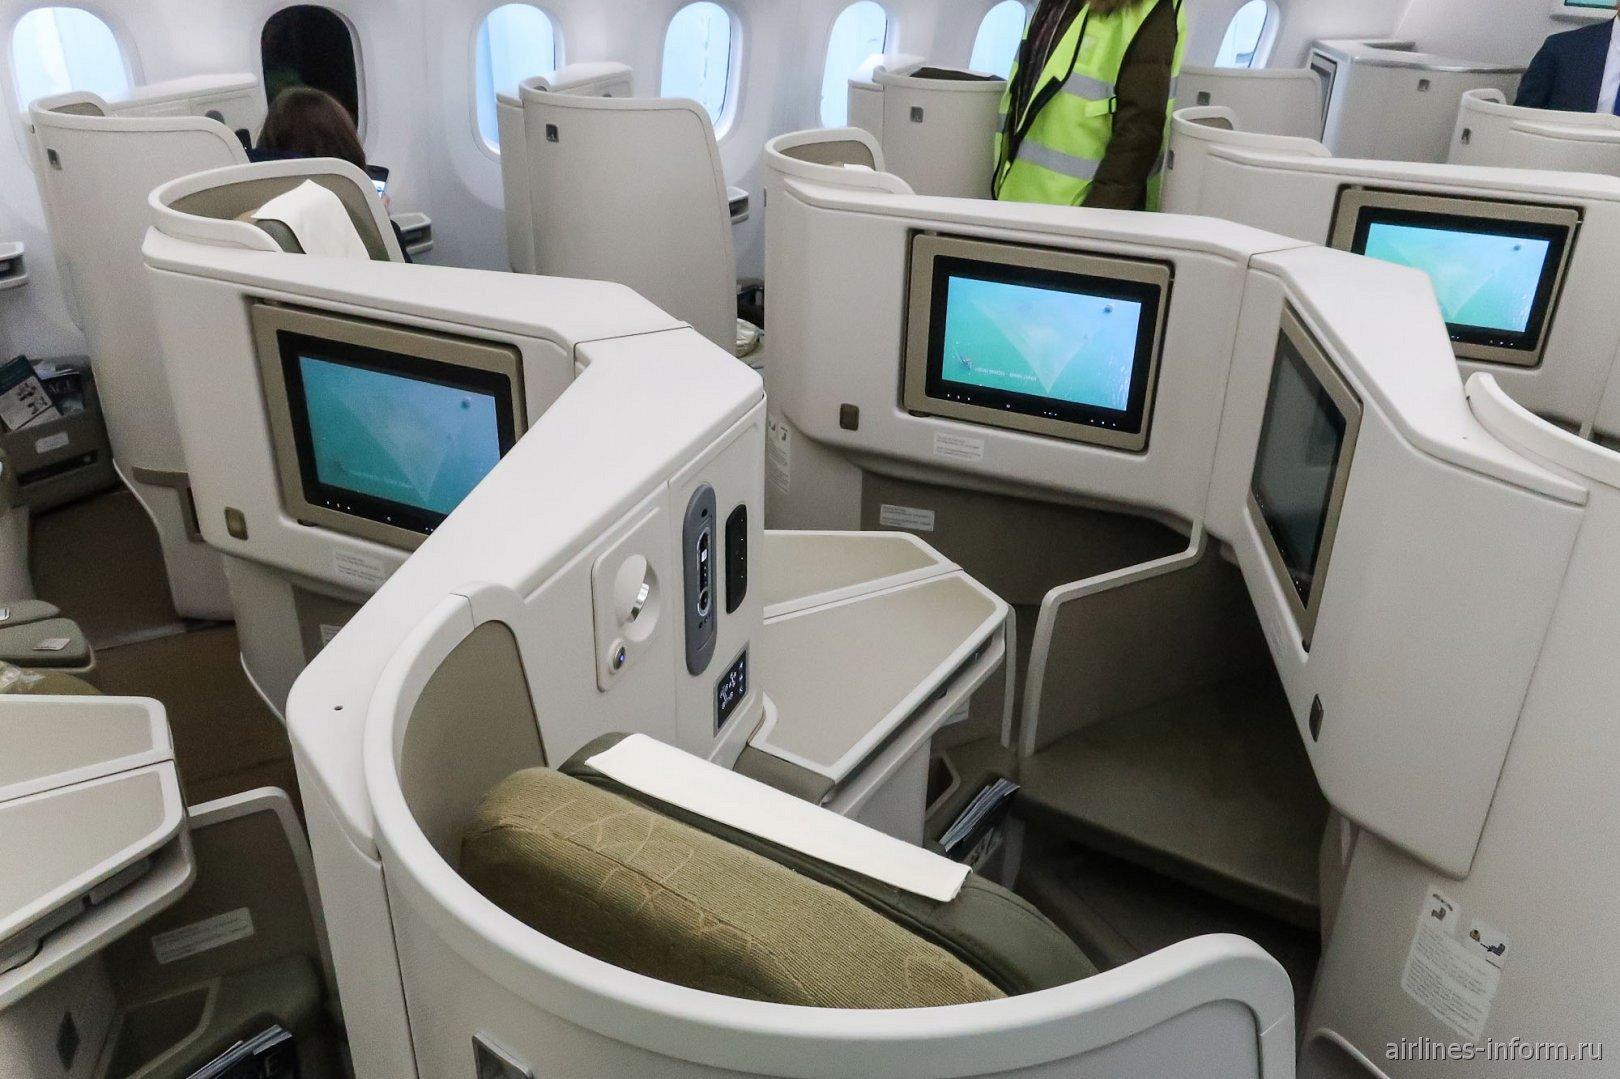 Места бизнес-класса в Боинге-787-9 Вьетнамских авиалиний